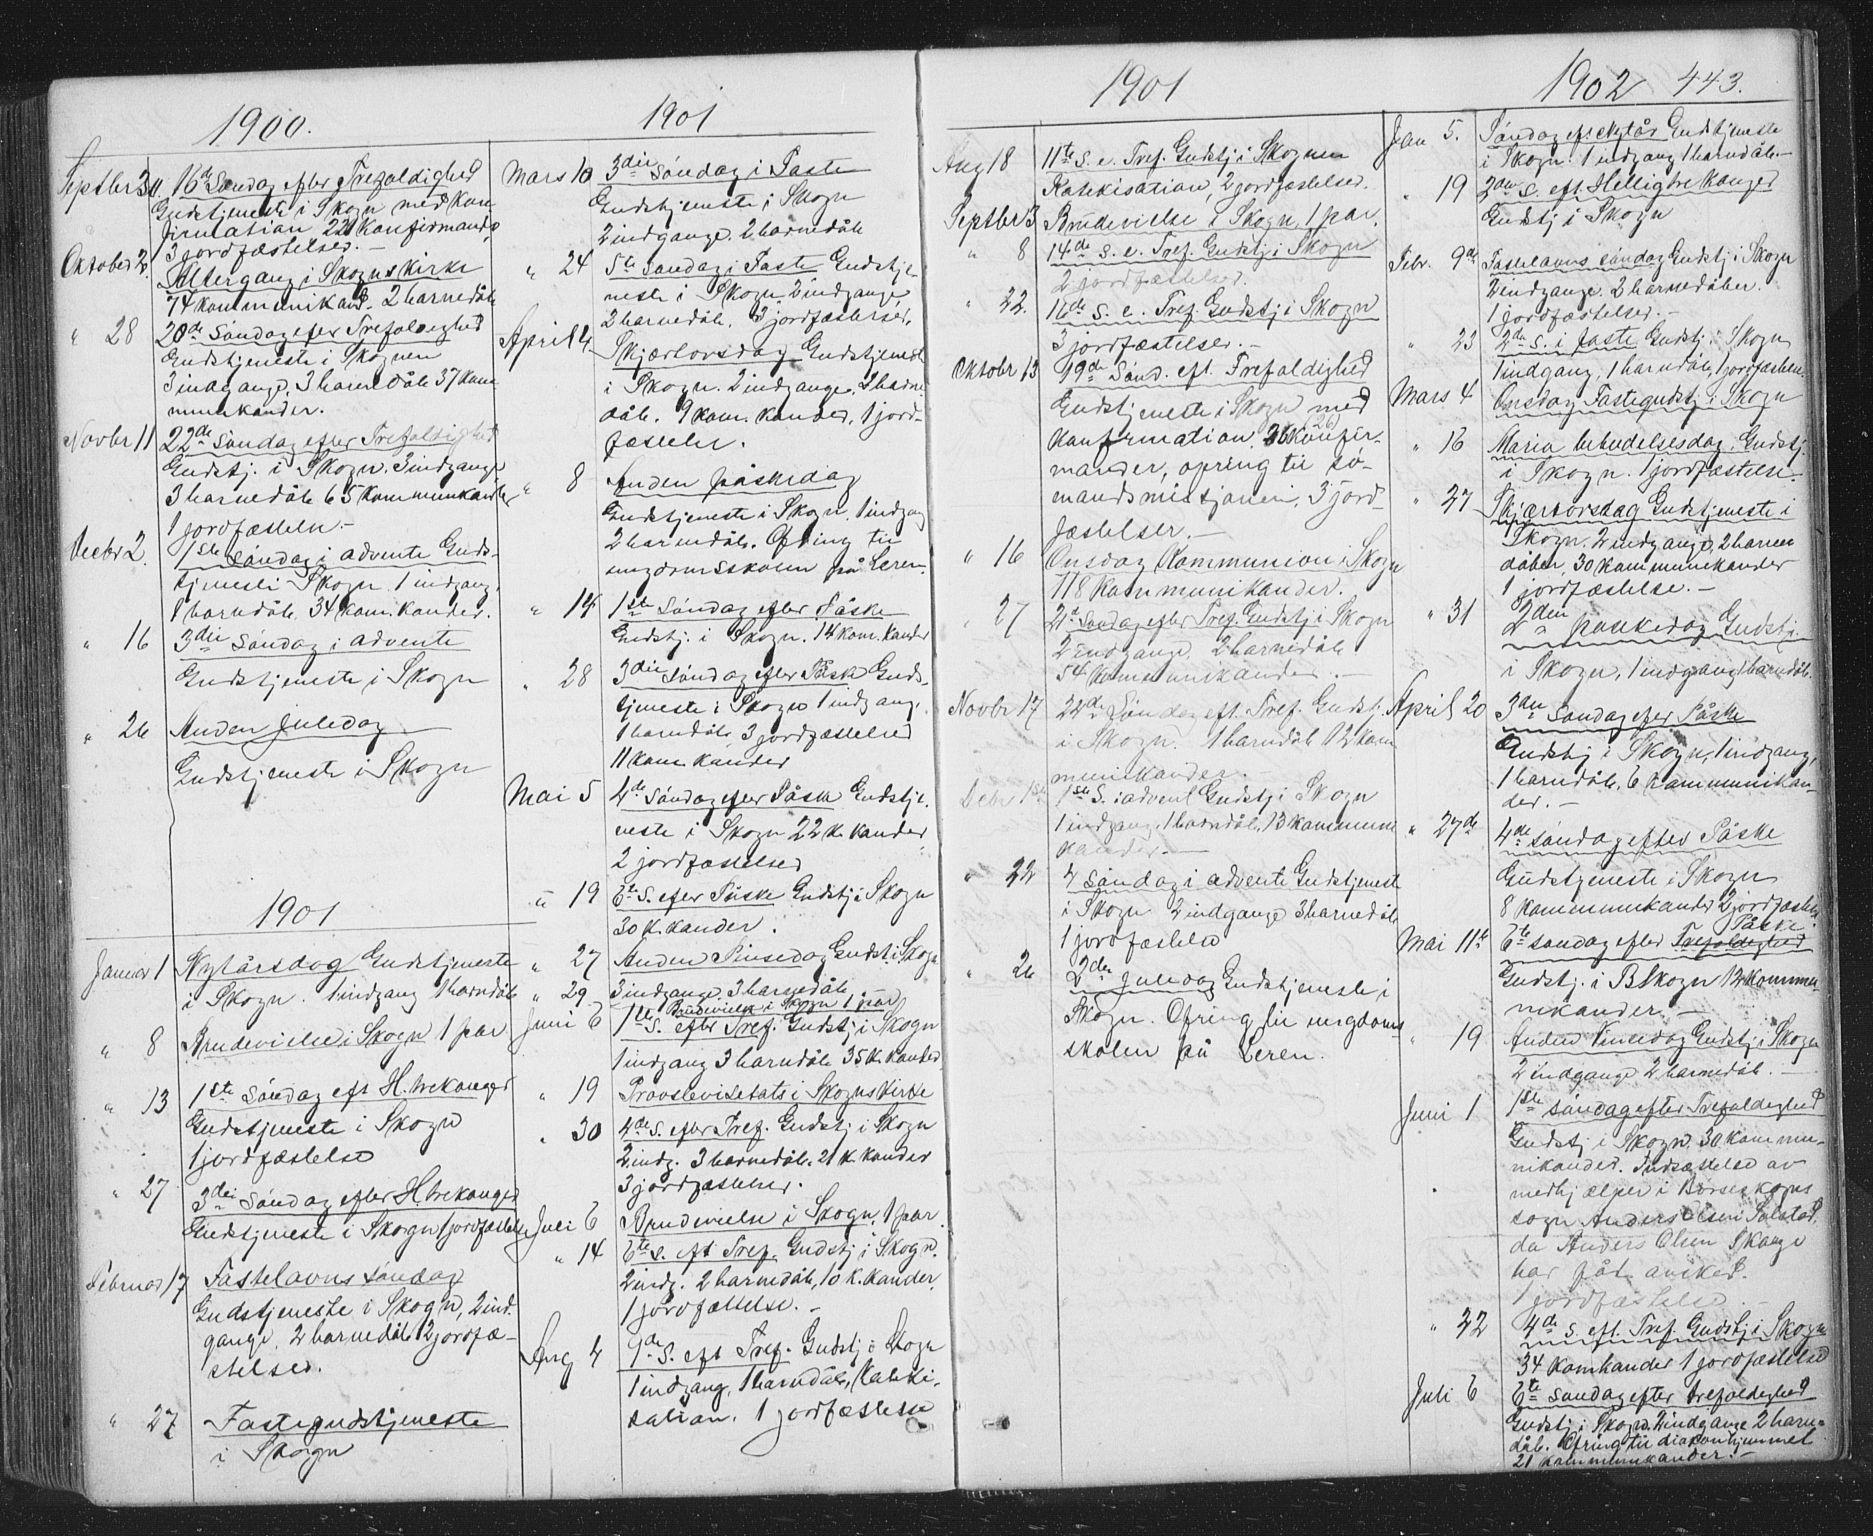 SAT, Ministerialprotokoller, klokkerbøker og fødselsregistre - Sør-Trøndelag, 667/L0798: Klokkerbok nr. 667C03, 1867-1929, s. 443